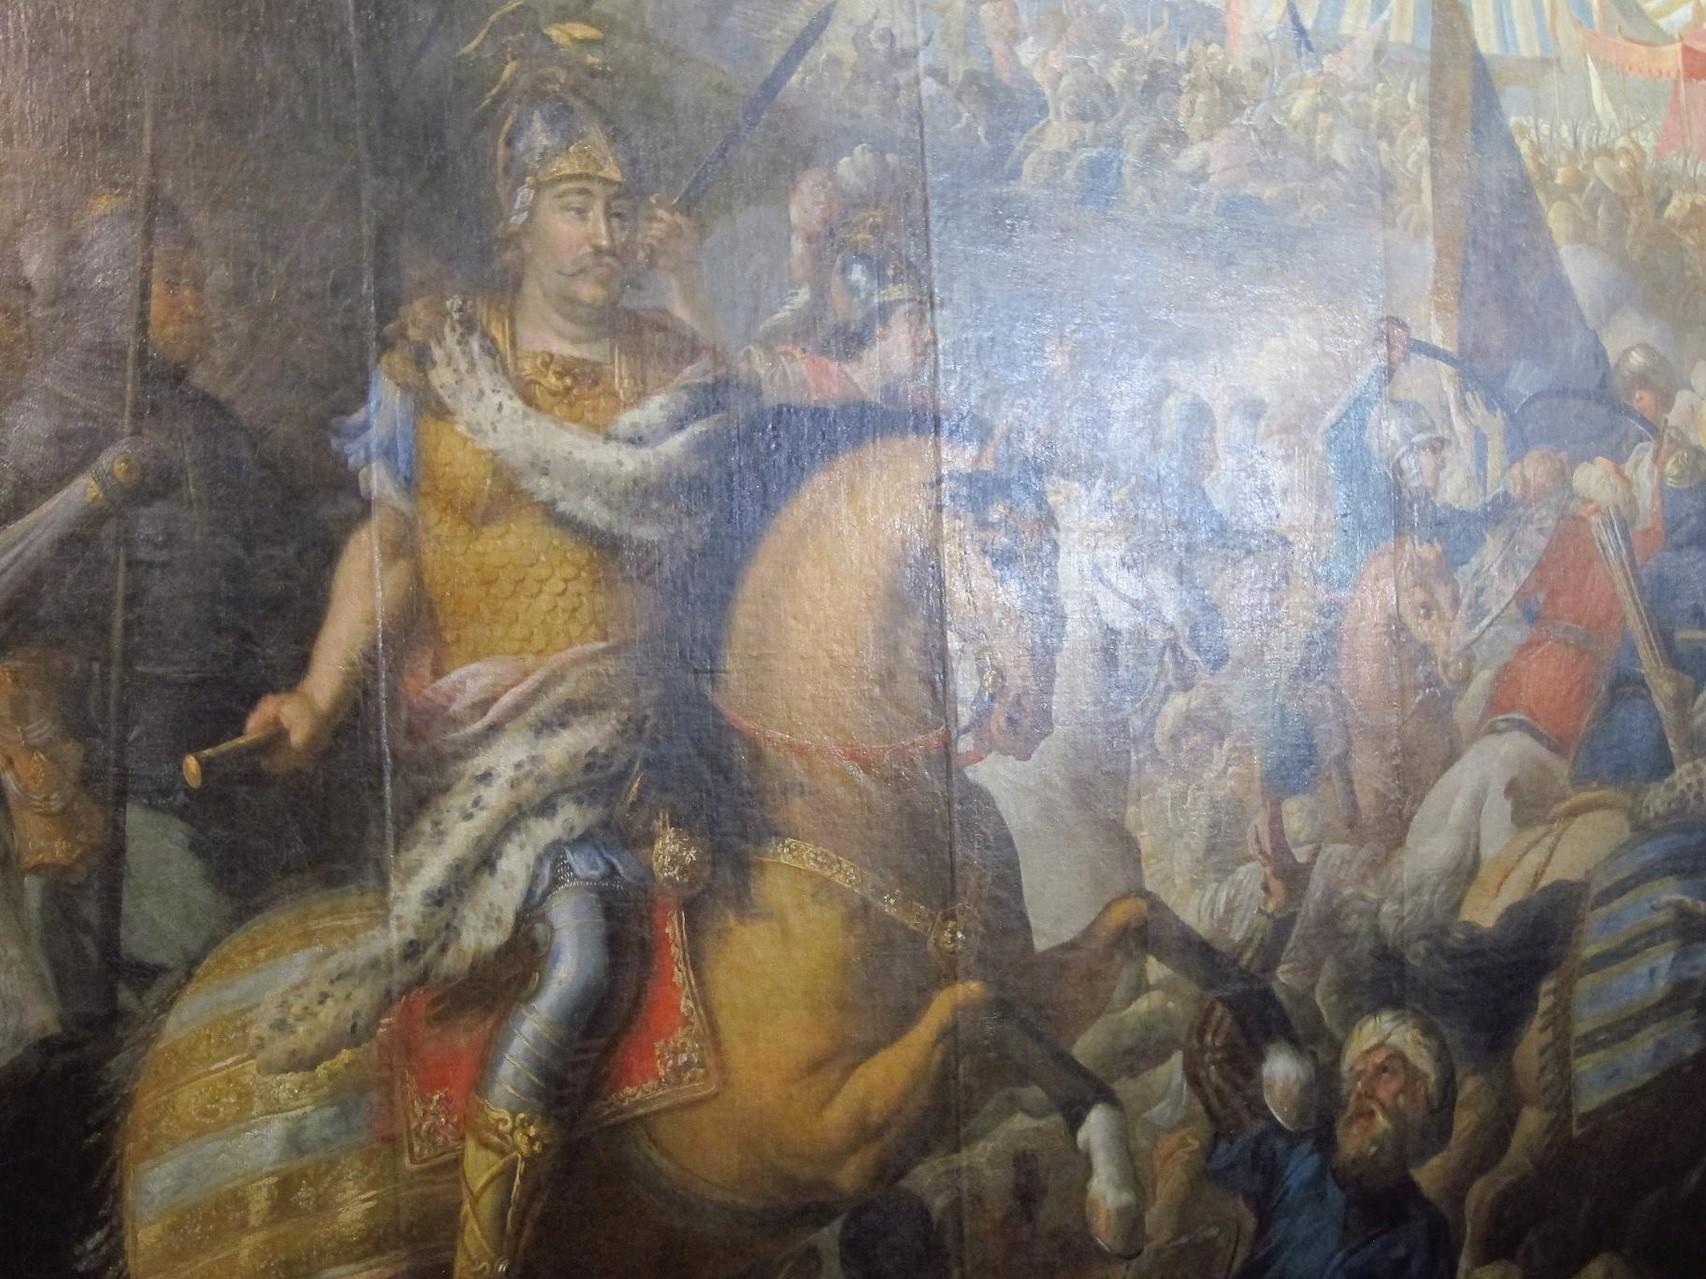 Ян III Собецький. Зображення на панно Віденської битви.